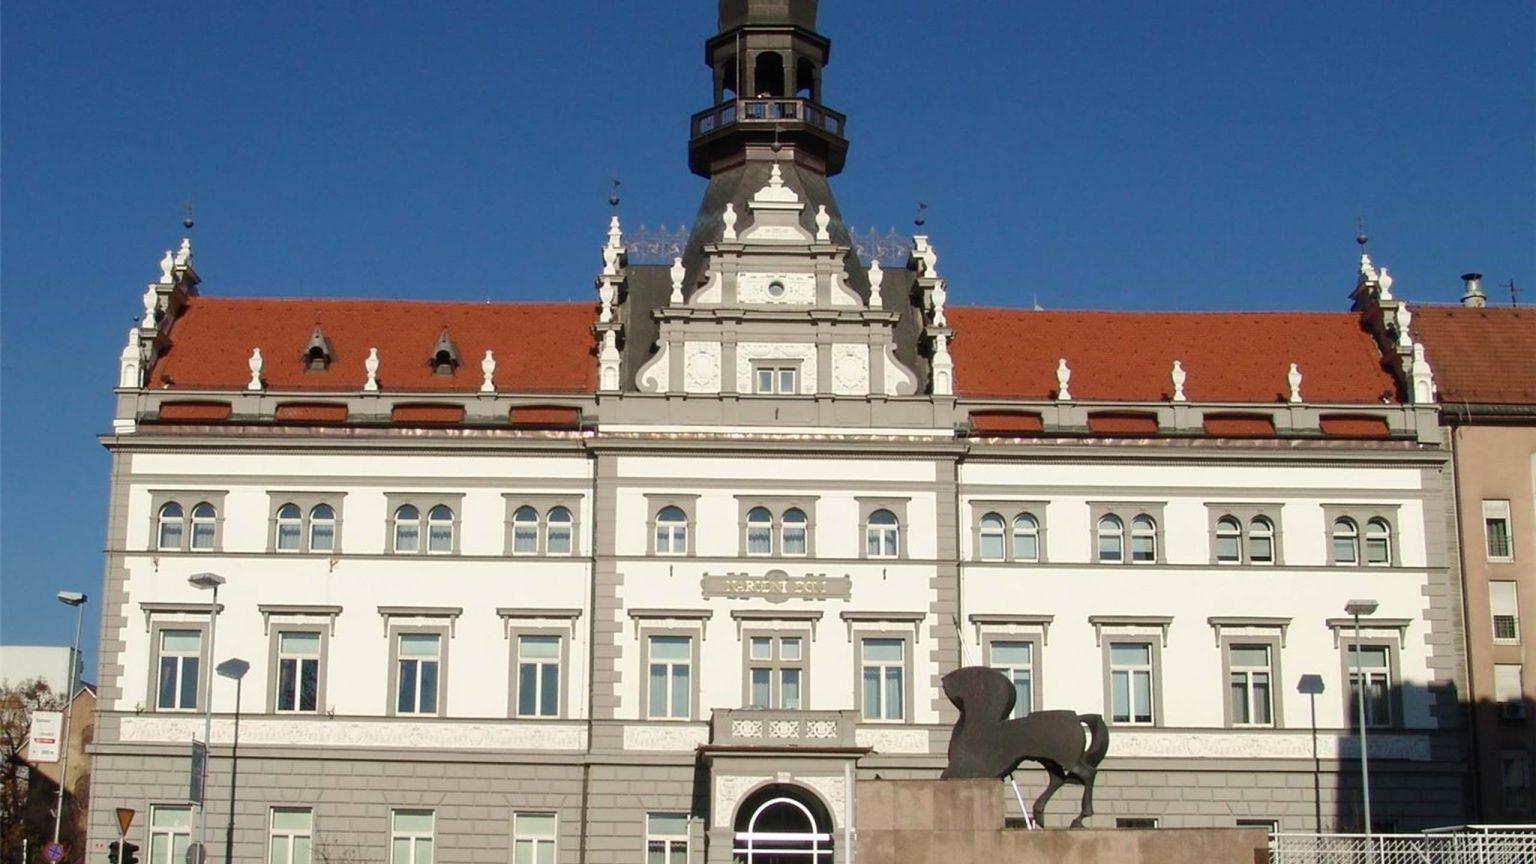 Pamätník kniežaťa Koceľa v Maribore